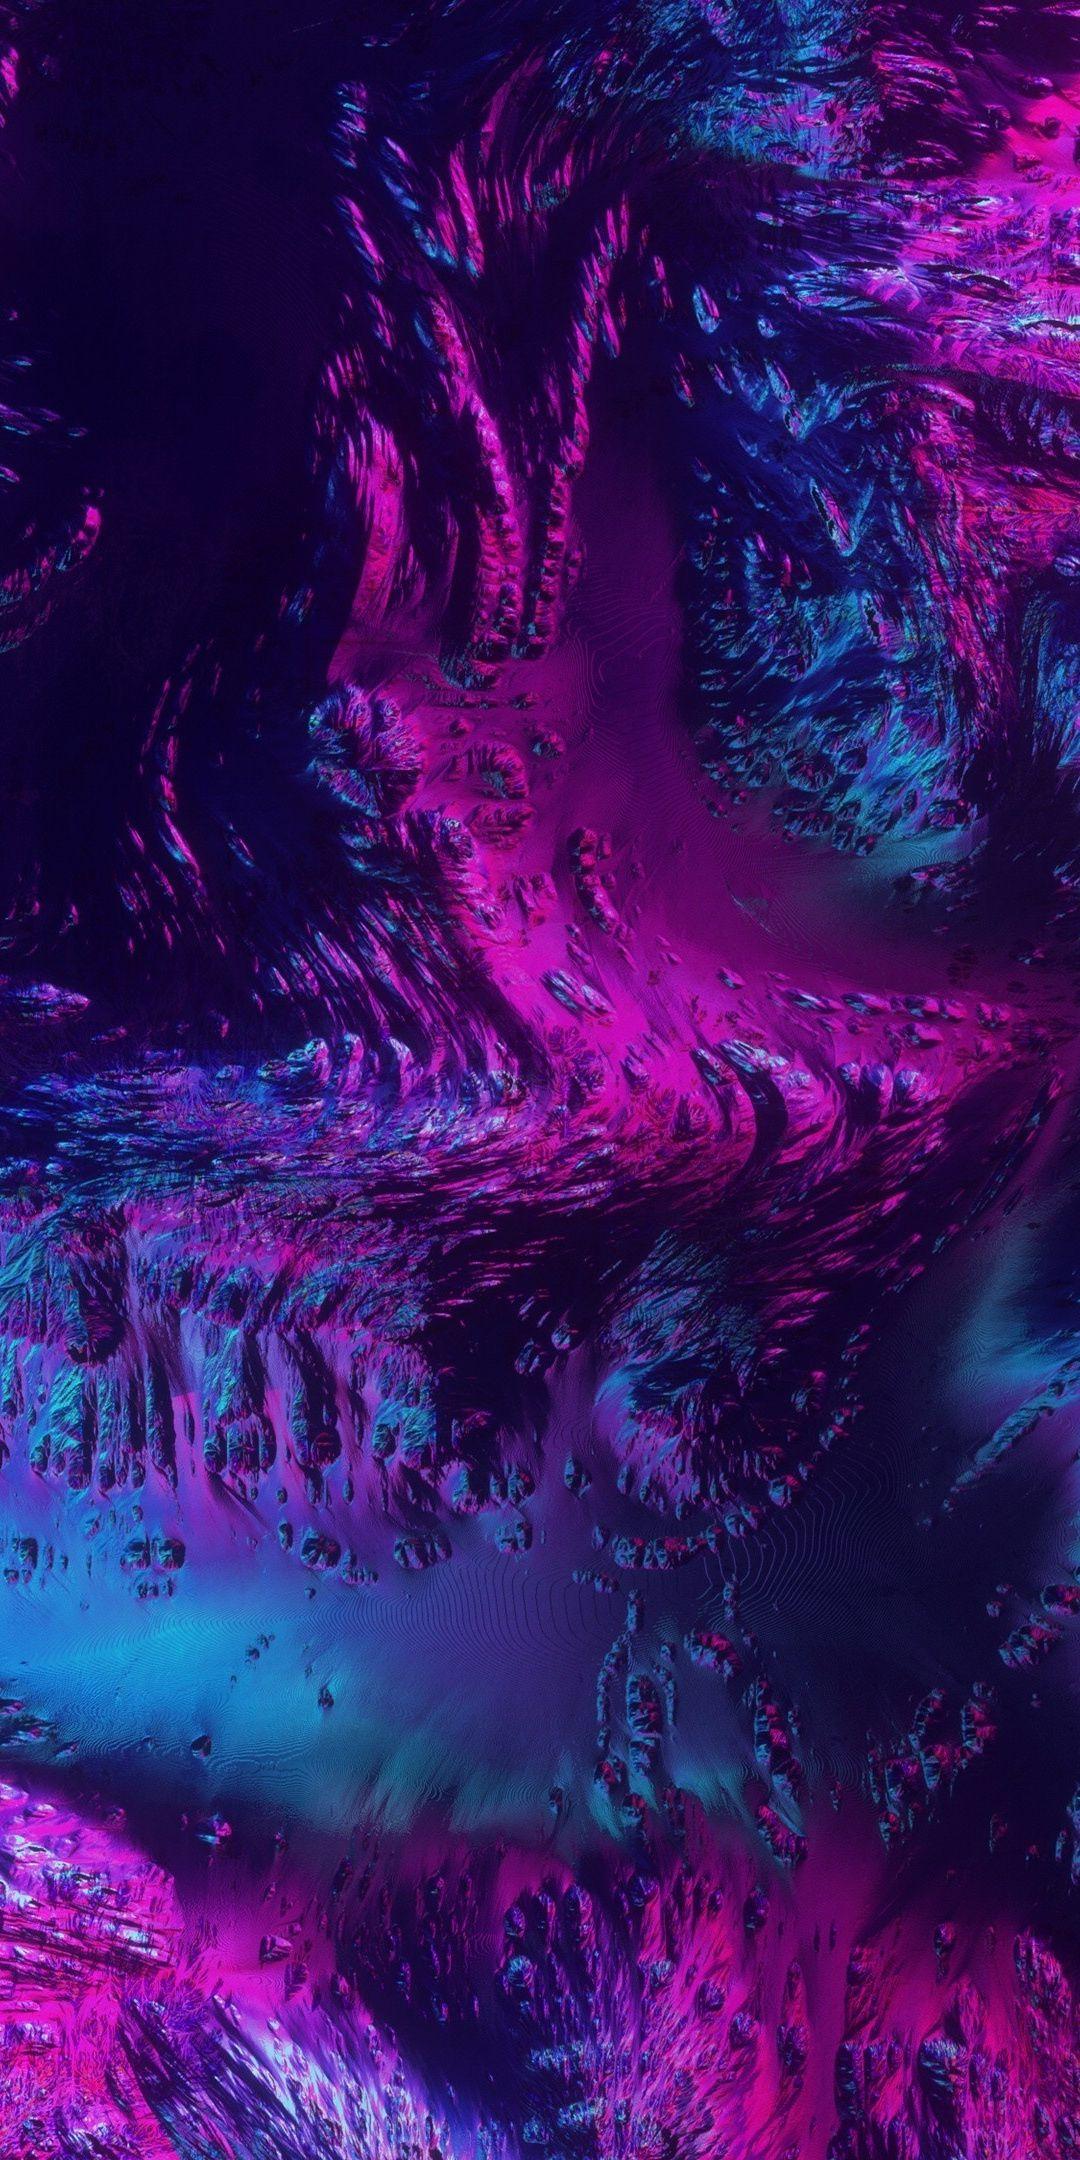 Neon texture abstract dark art 1080x2160 wallpaper in 2020 1080x2160